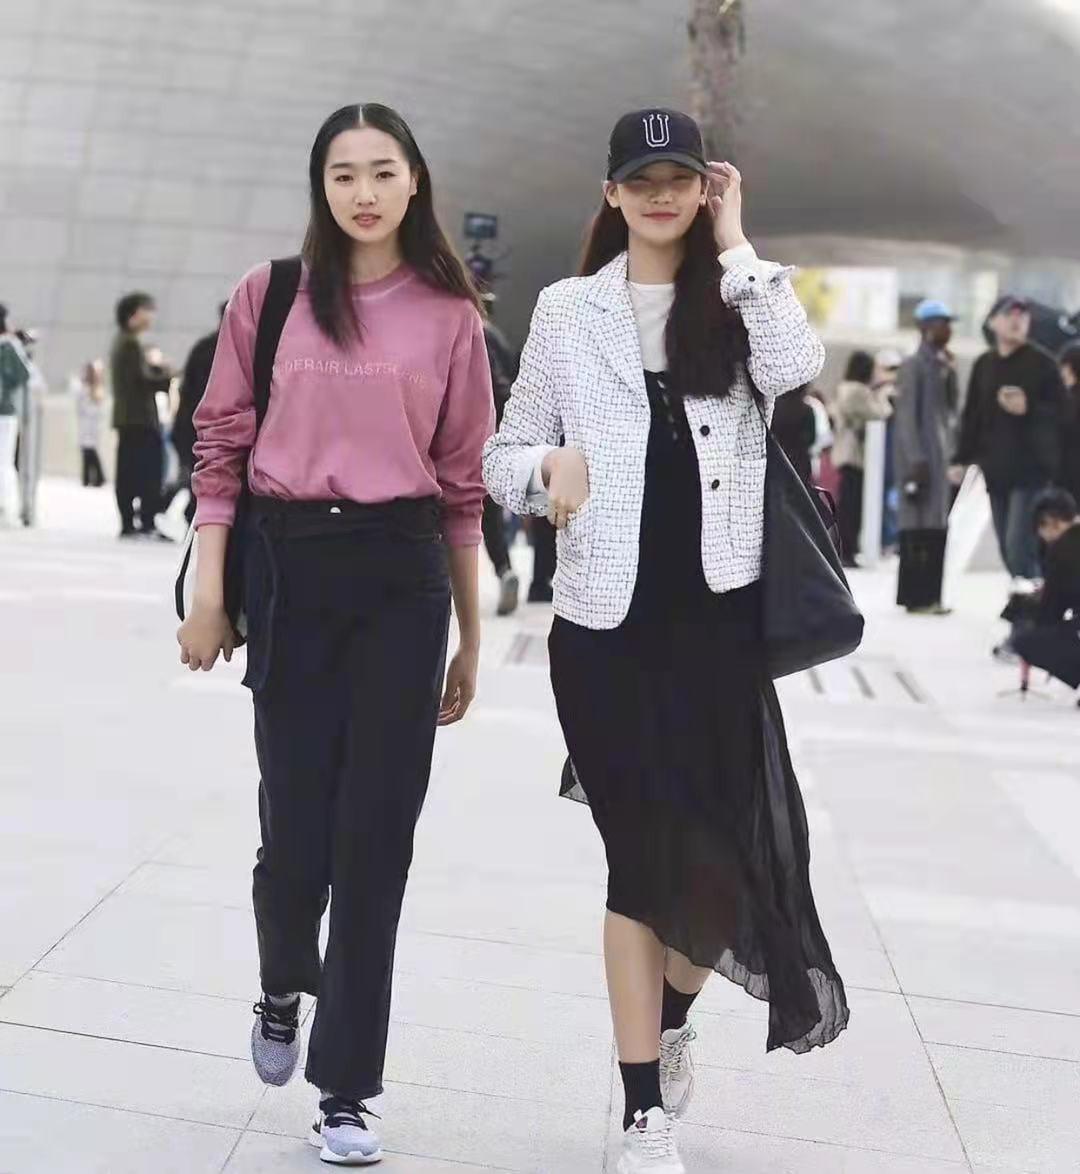 還是韓國街拍最自然,一點也不辣眼睛!穿搭簡約時尚值得借鏡 形象穿搭 第6張